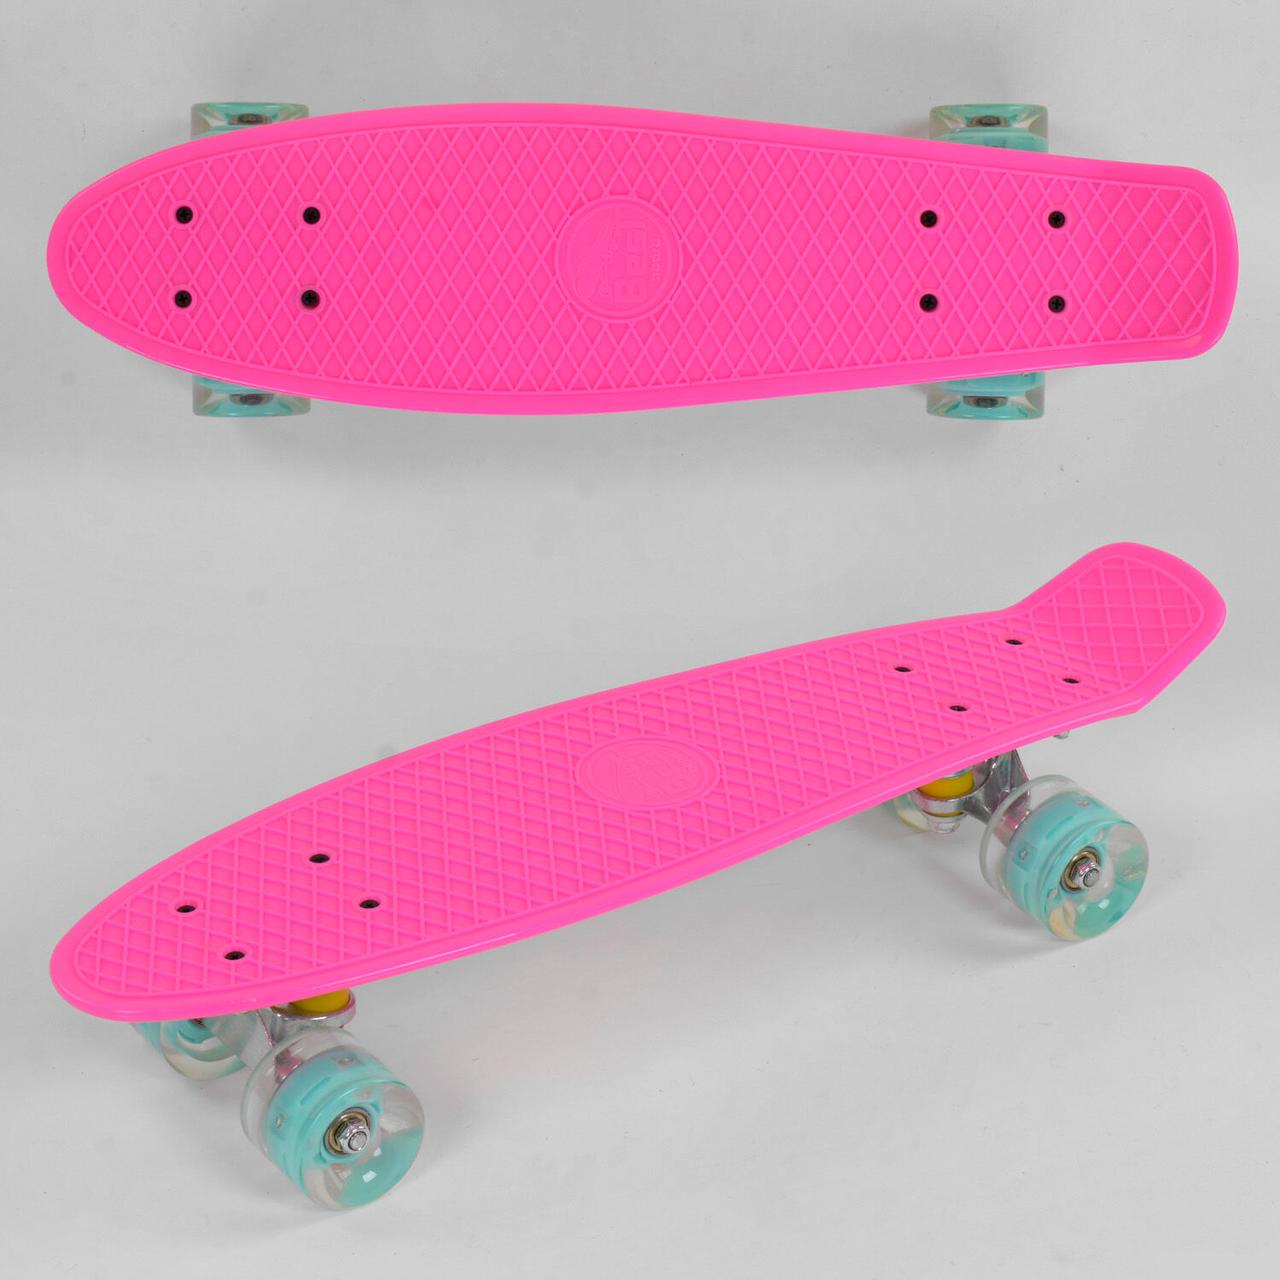 Скейт Пенні борд 1070 (8) Best Board, РОЖЕВИЙ, дошка=55см, колеса PU зі світлом, діаметр 6 см [Спорт] -